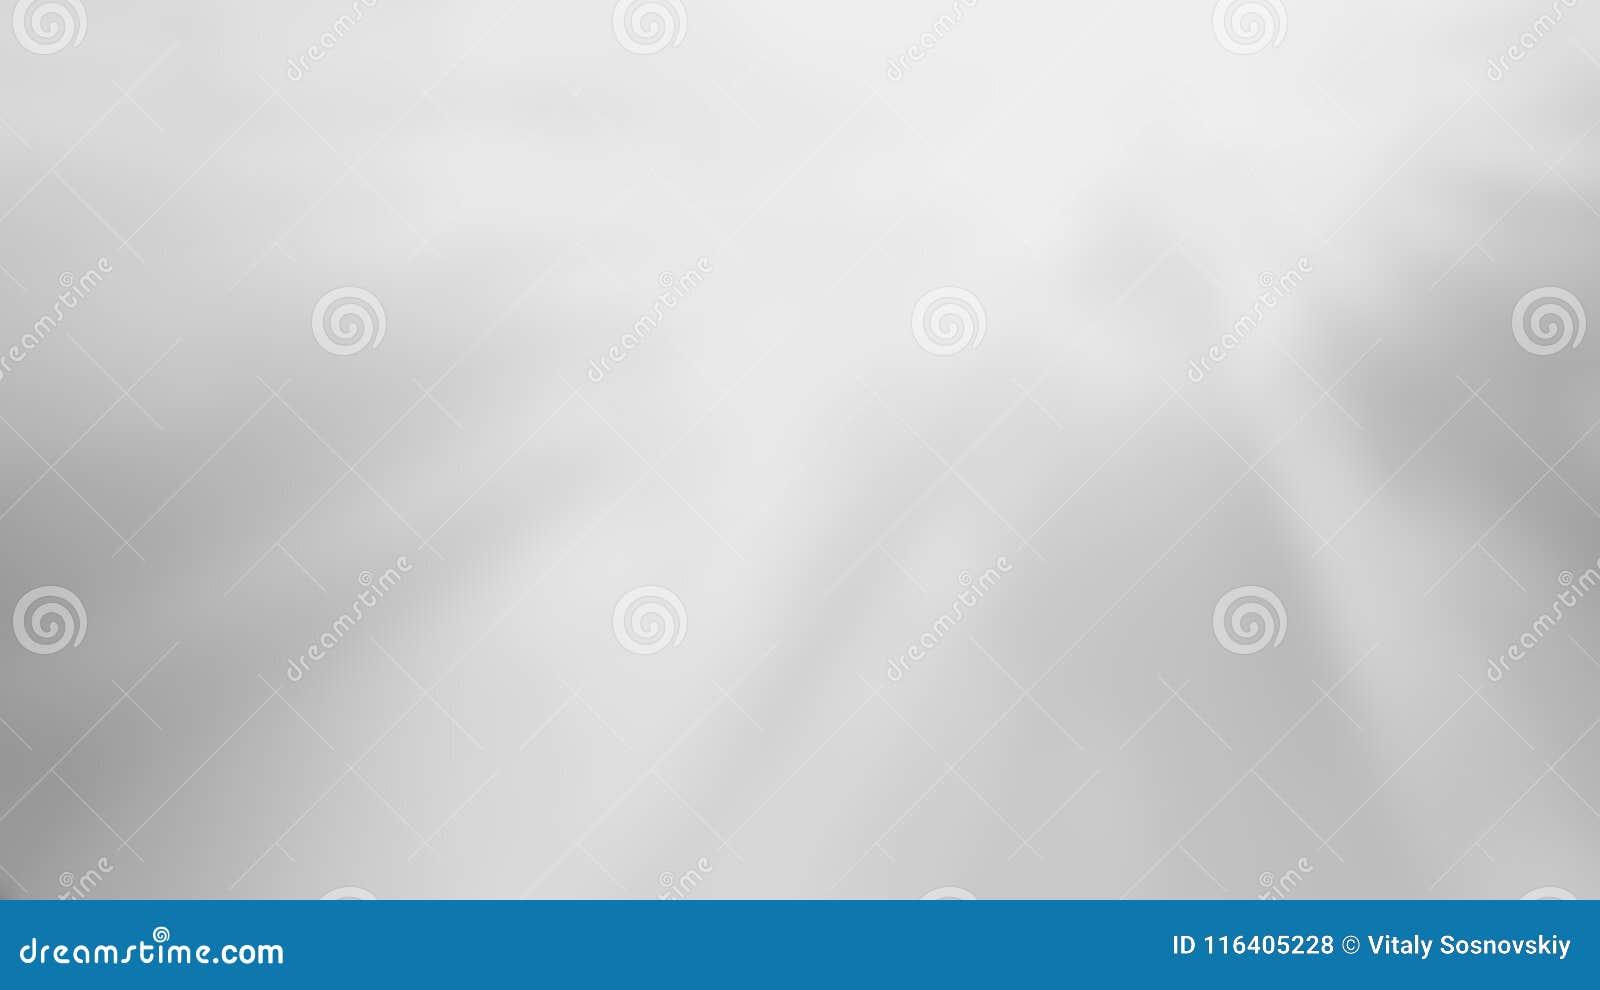 3D rendering abstrakcjonistyczny błyszczący srebny tło